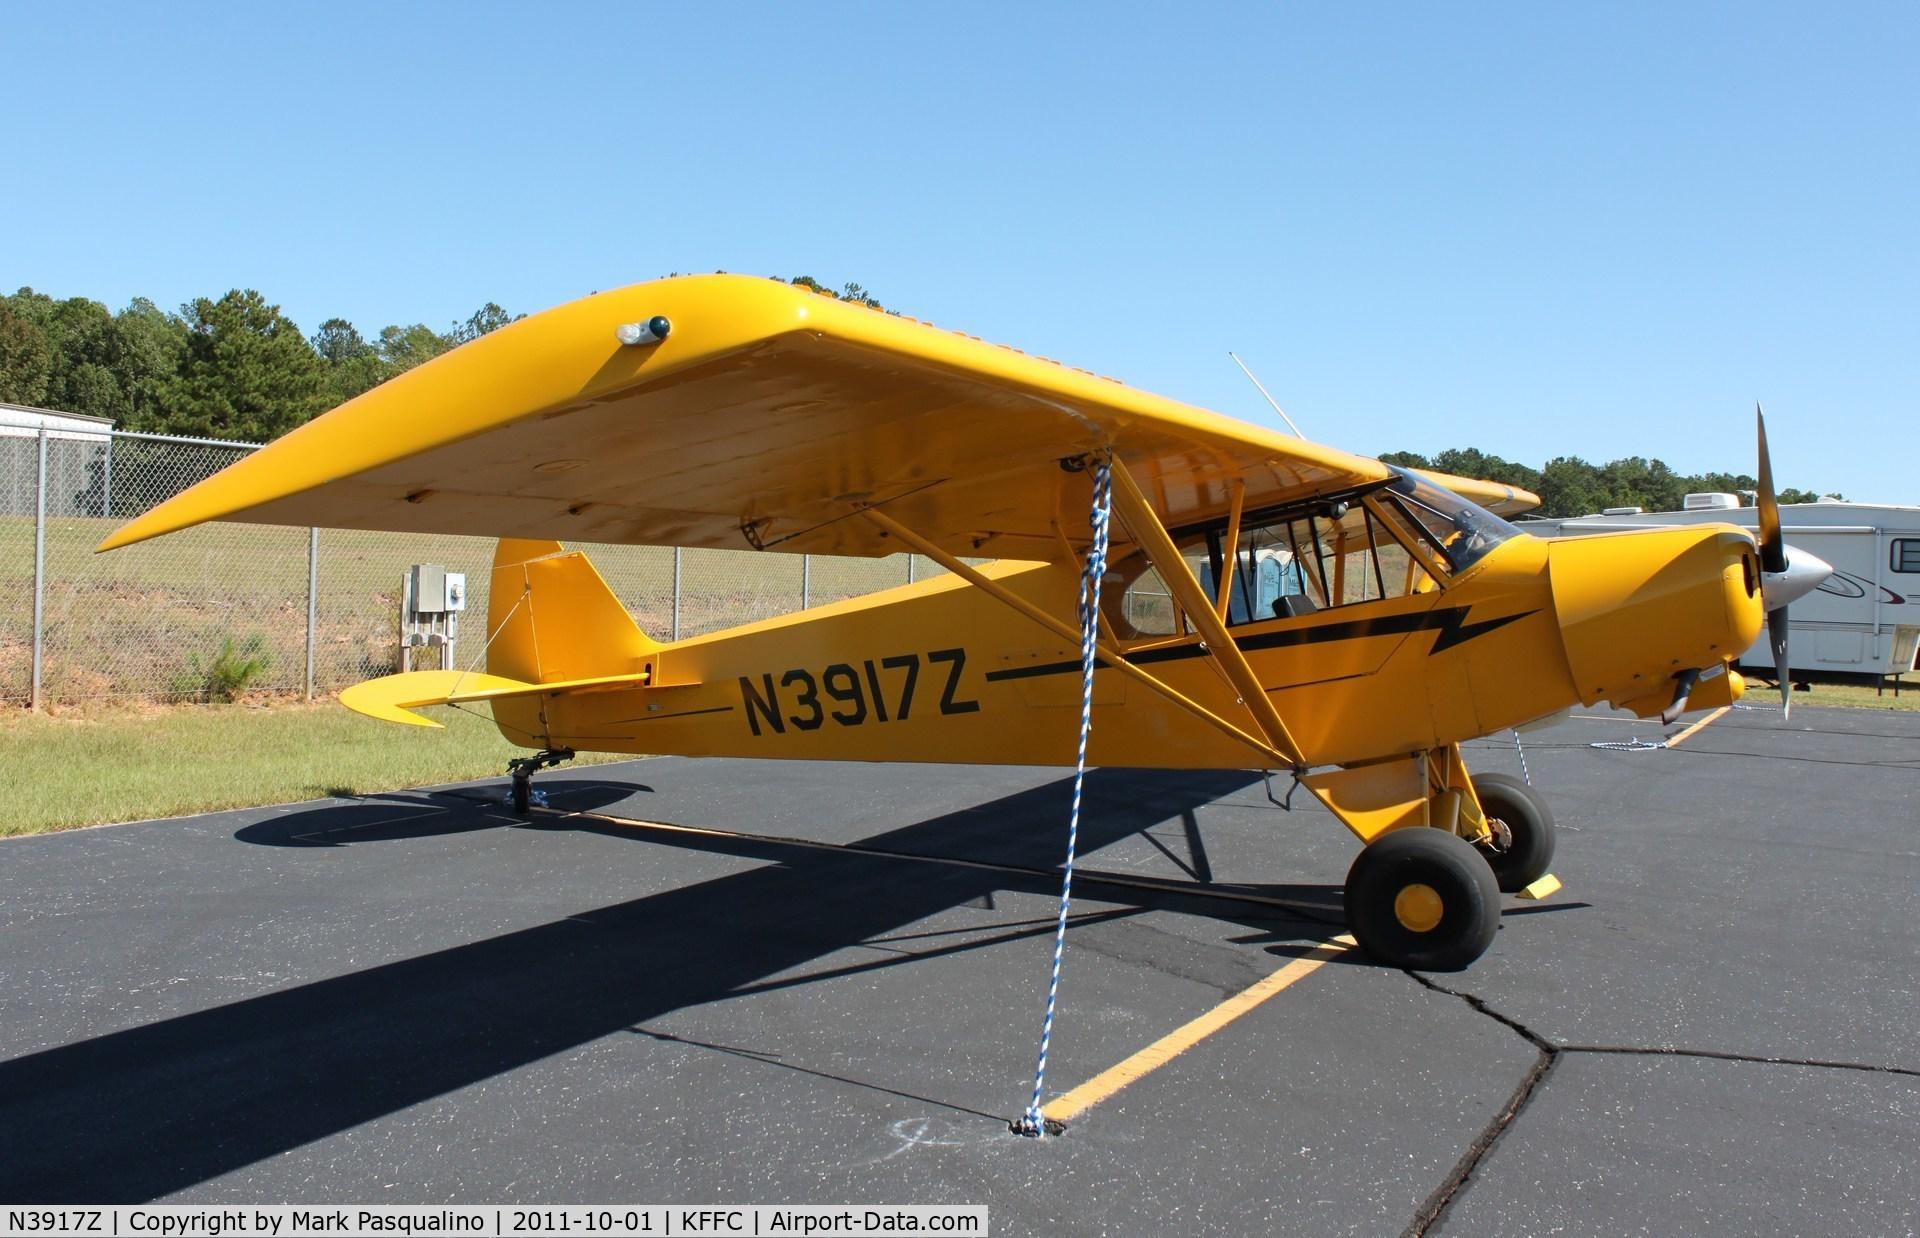 N3917Z, 1961 Piper PA-18-150 Super Cub C/N 18-7741, Piper PA-18-150